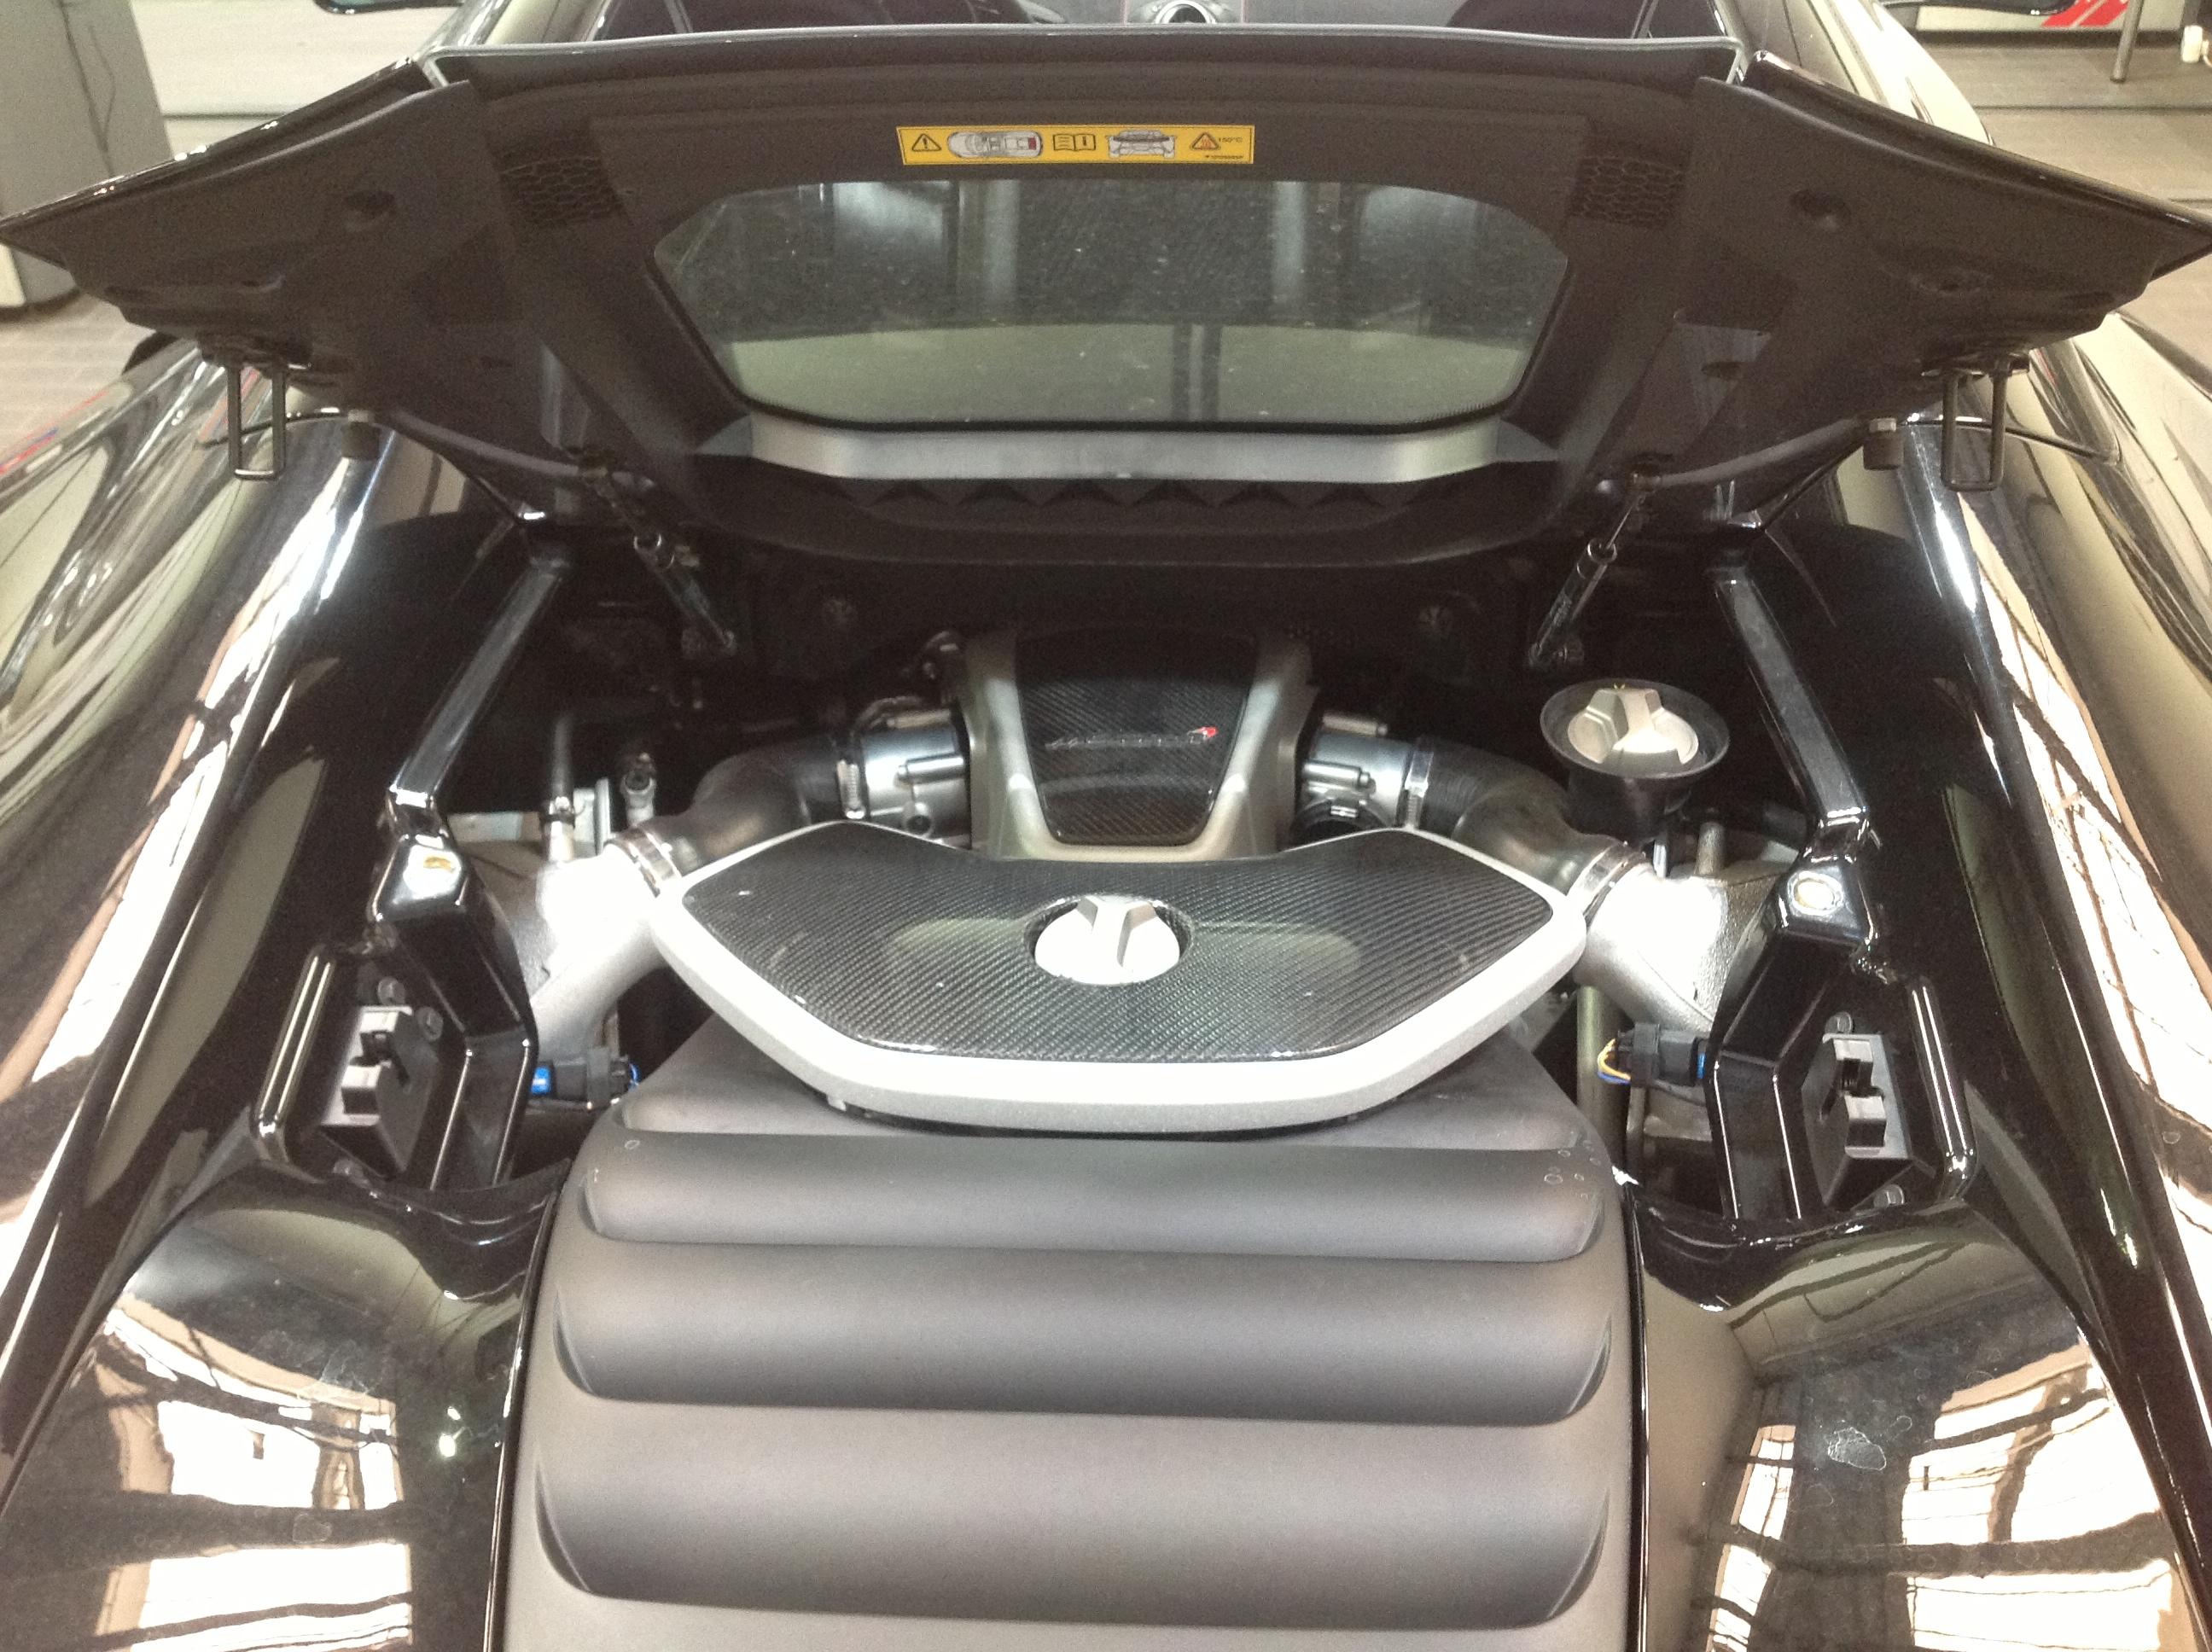 Datei:Open bonnet of McLaren 650S.JPG – Wiktionary